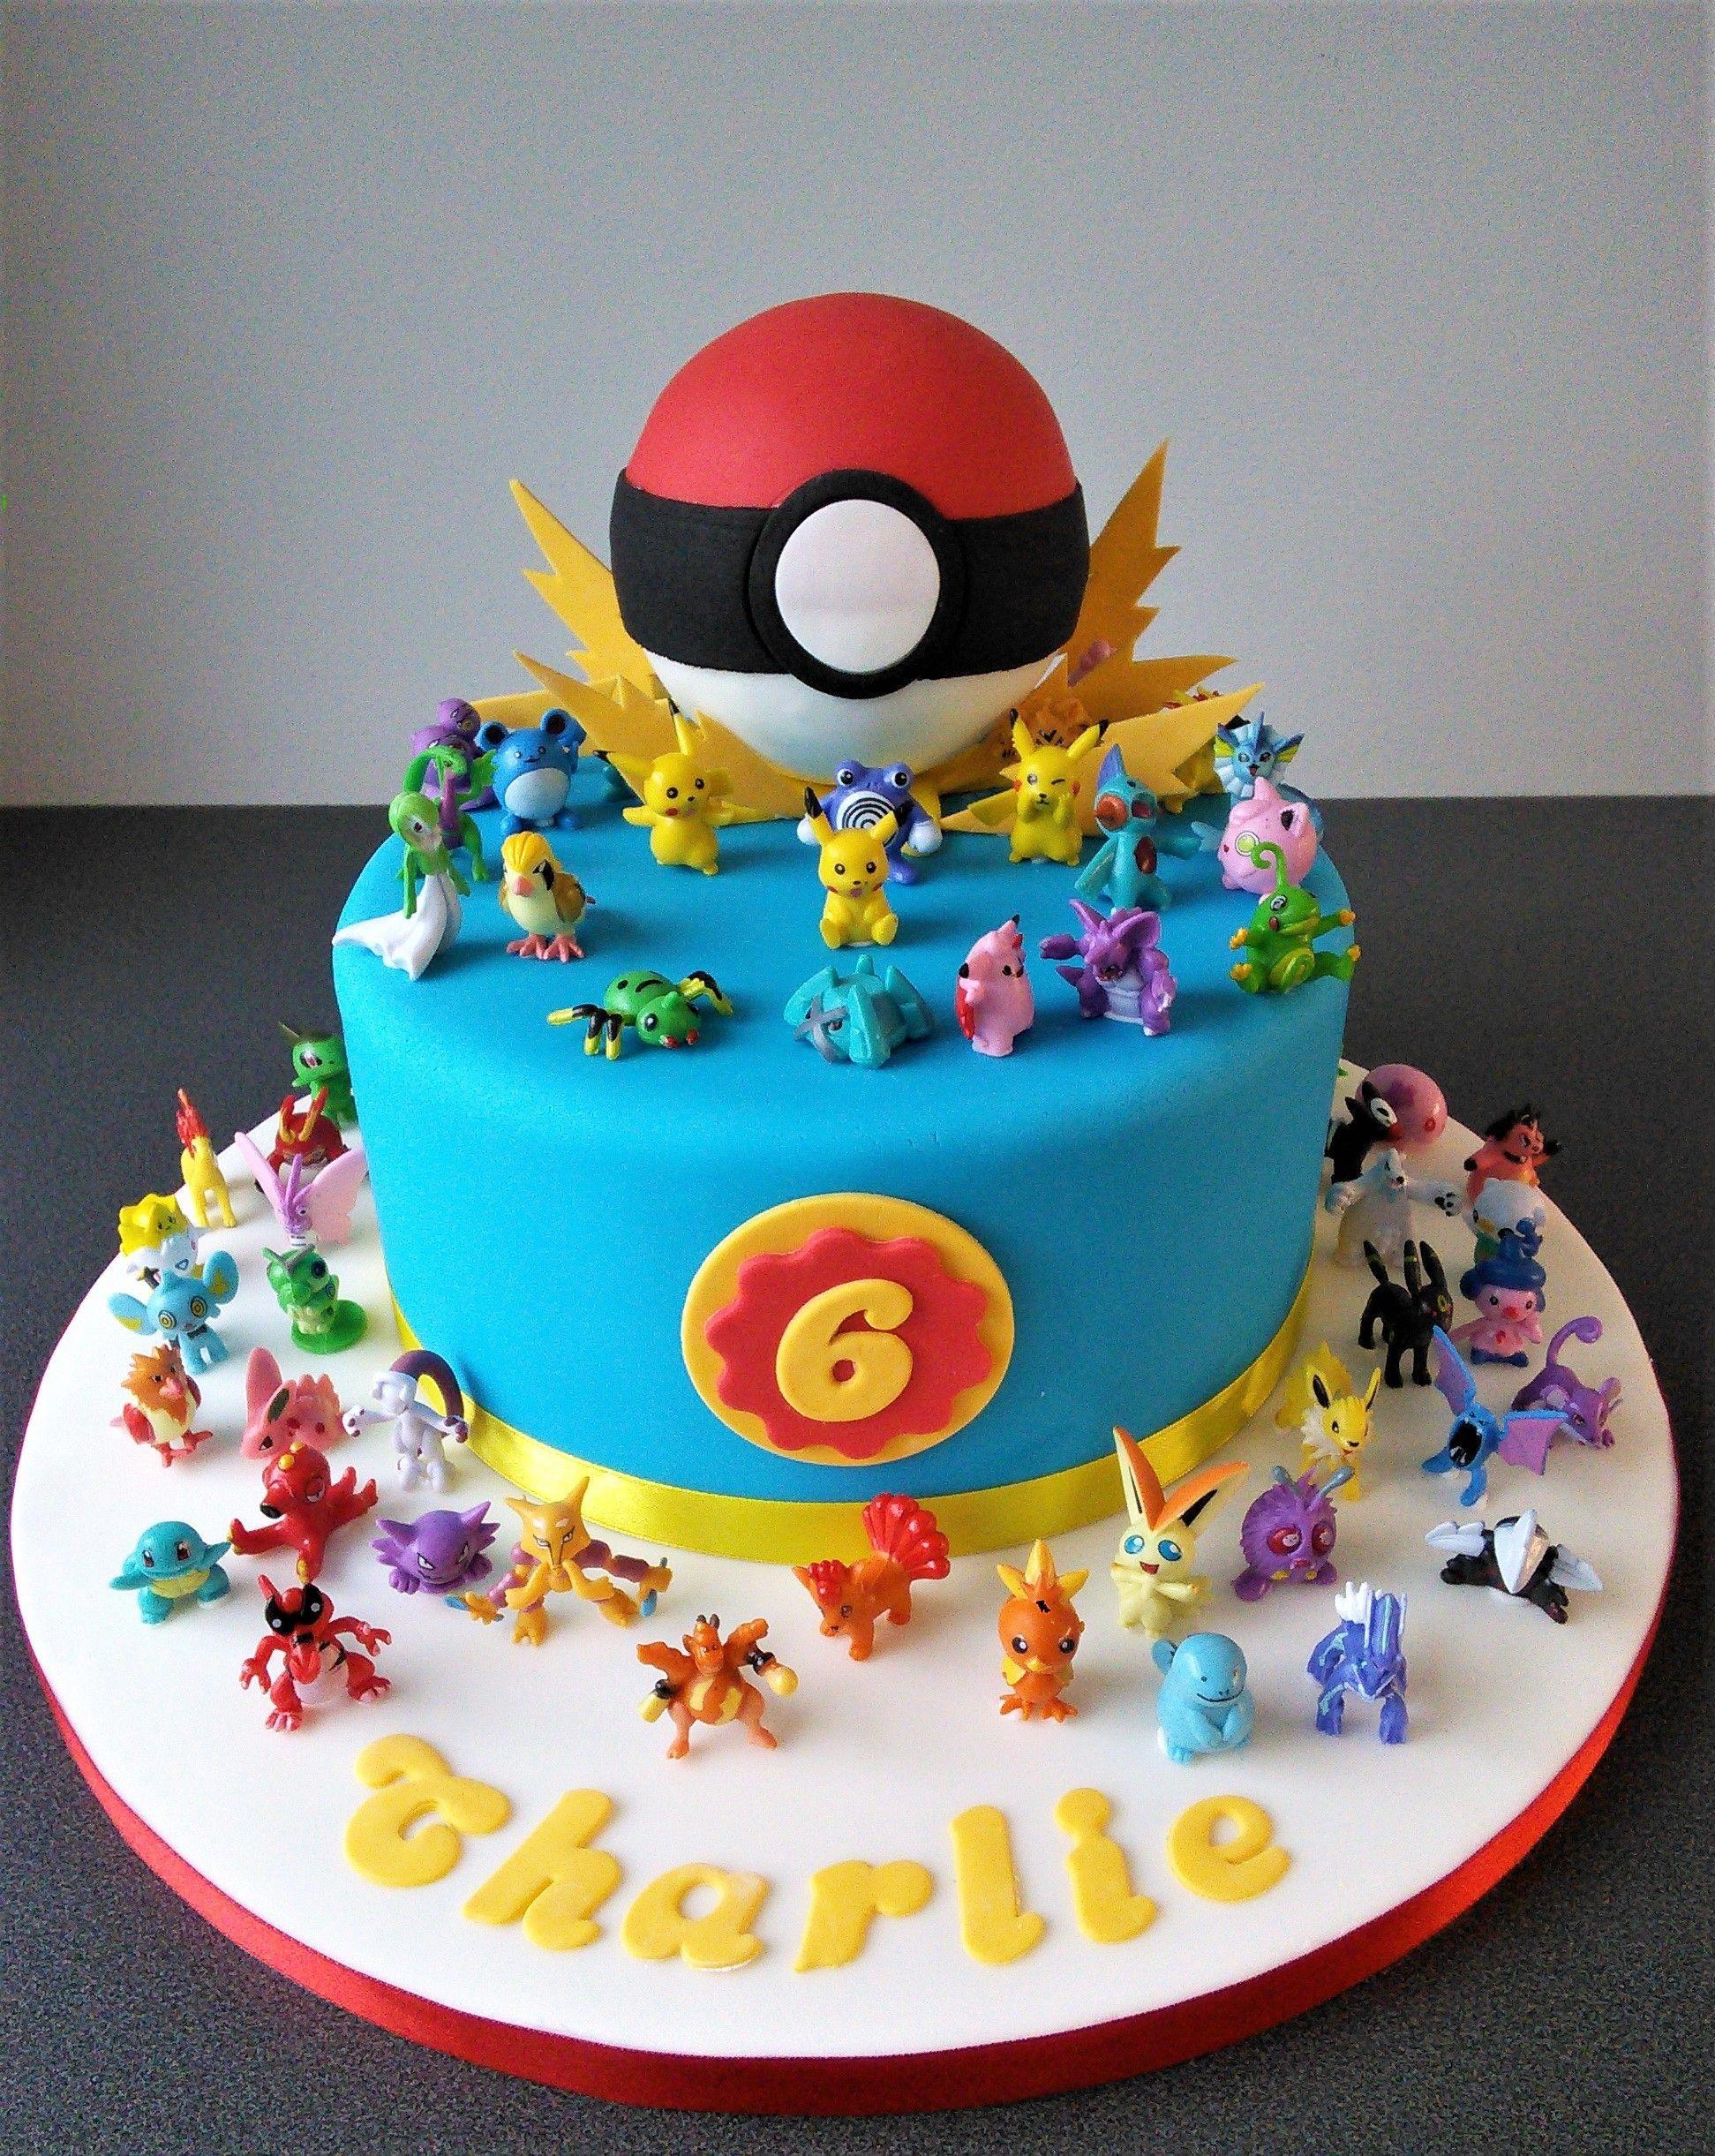 Wondrous Pokemon Go Birthday Cake Easyboybirthdaycakes With Images Funny Birthday Cards Online Barepcheapnameinfo